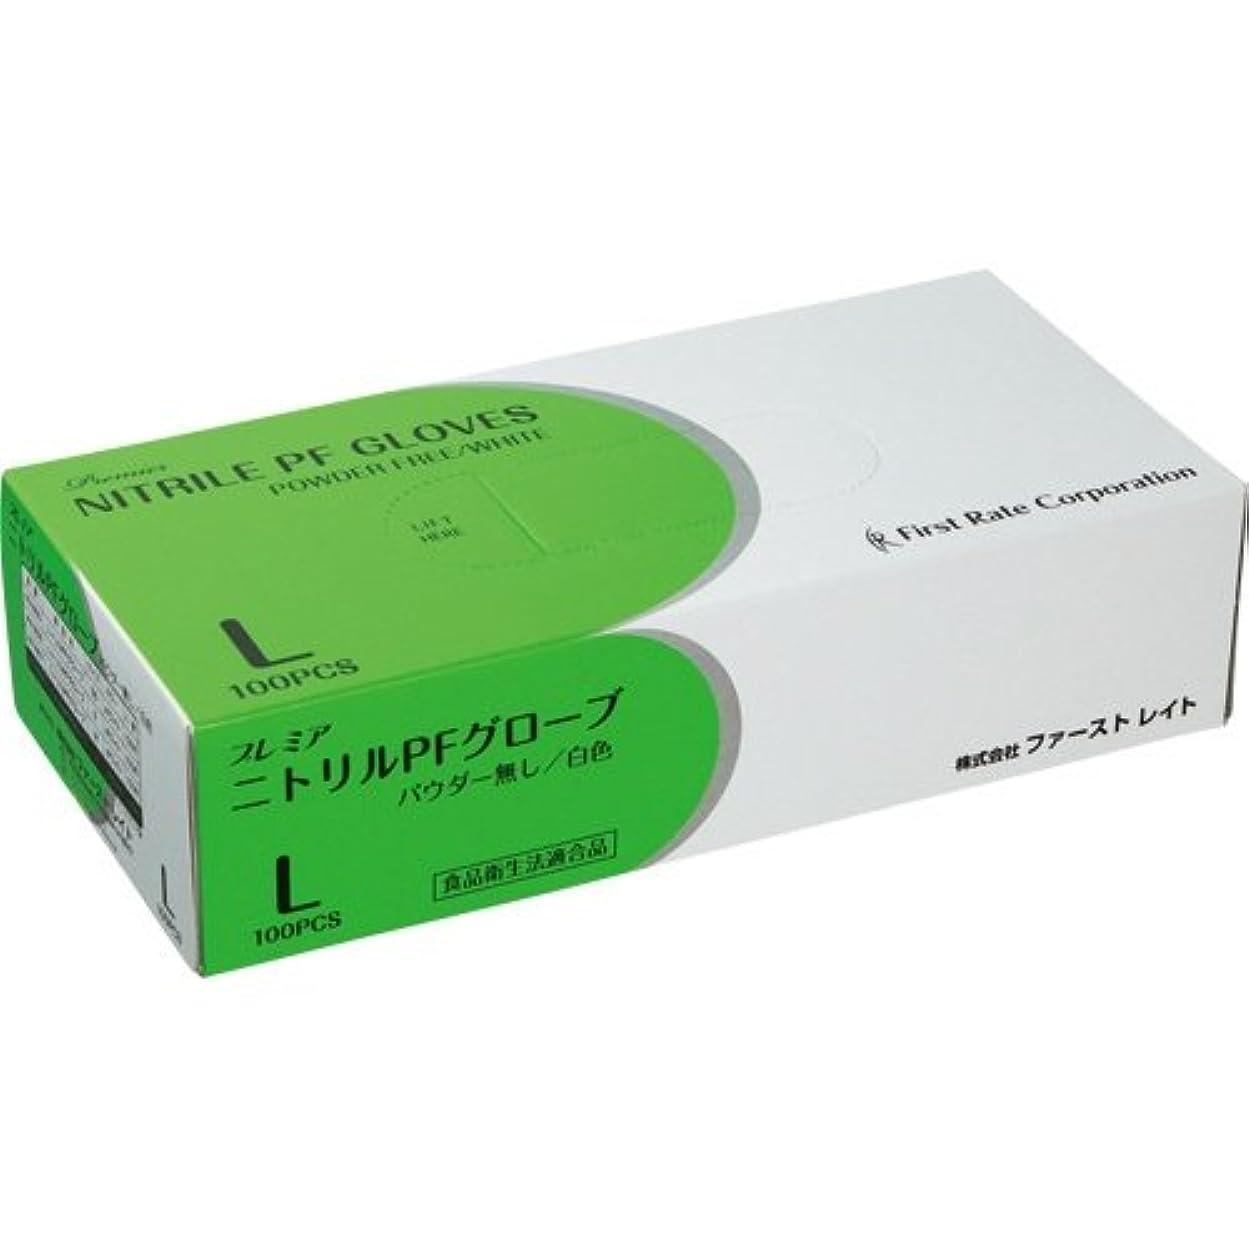 眠るファンシー実業家ファーストレイト プレミアニトリルPFグローブ パウダーフリー ホワイト L FR-858 1セット(1000枚:100枚×10箱)